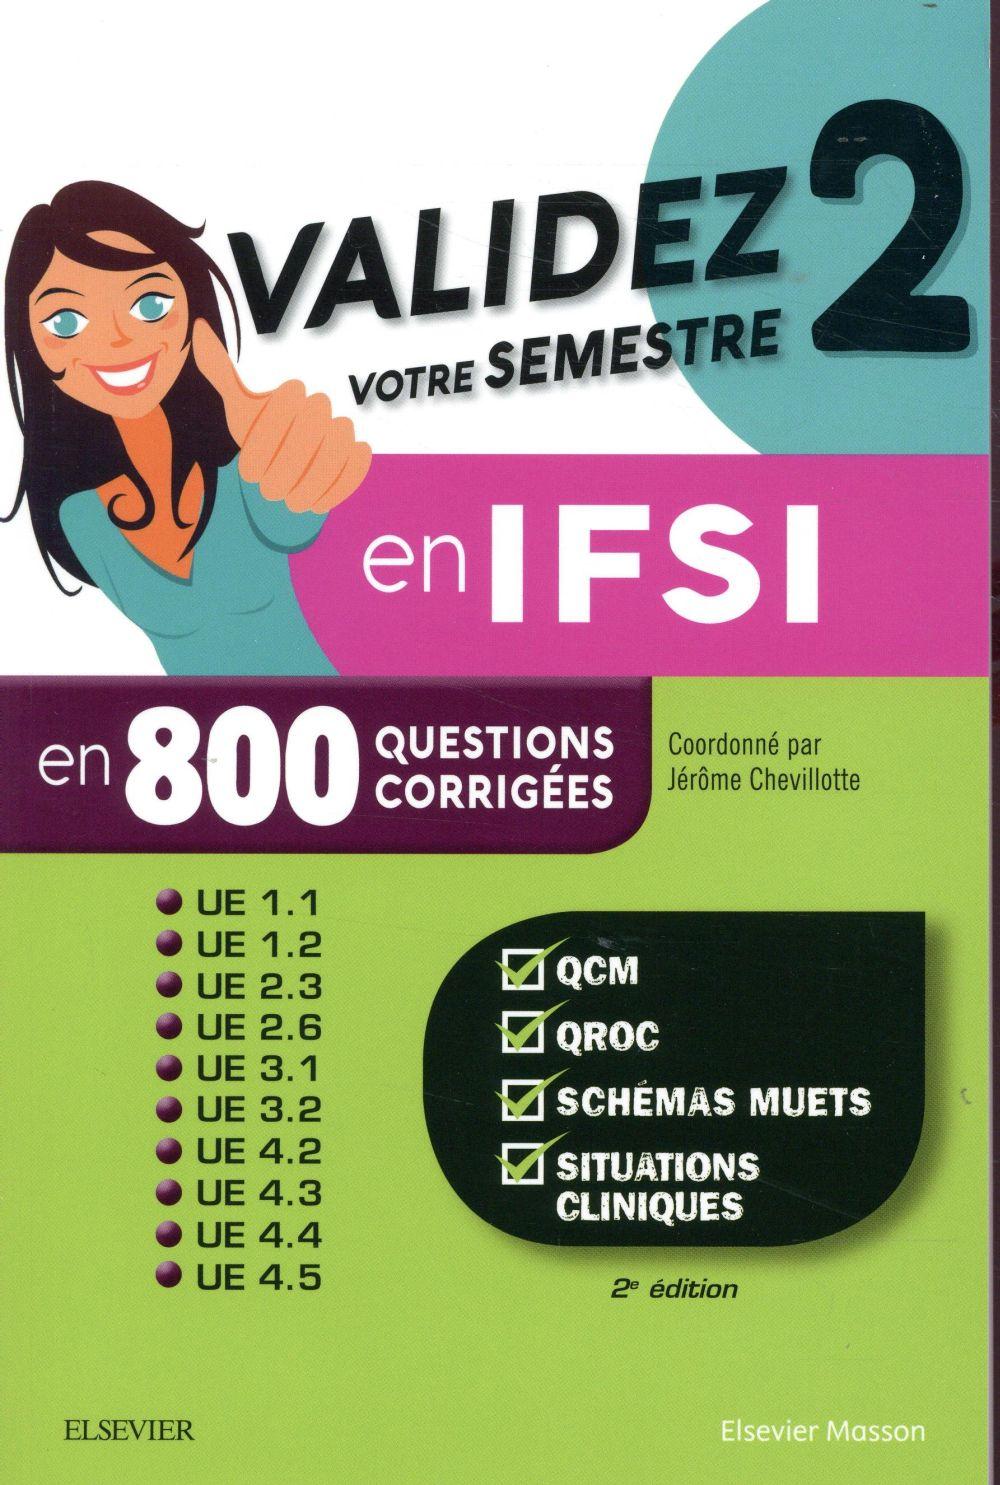 VALIDEZ VOTRE SEMESTRE 2 EN IFSI EN 800 QUESTIONS CORRIGEES CHEVILLOTTE, JEROME  MASSON